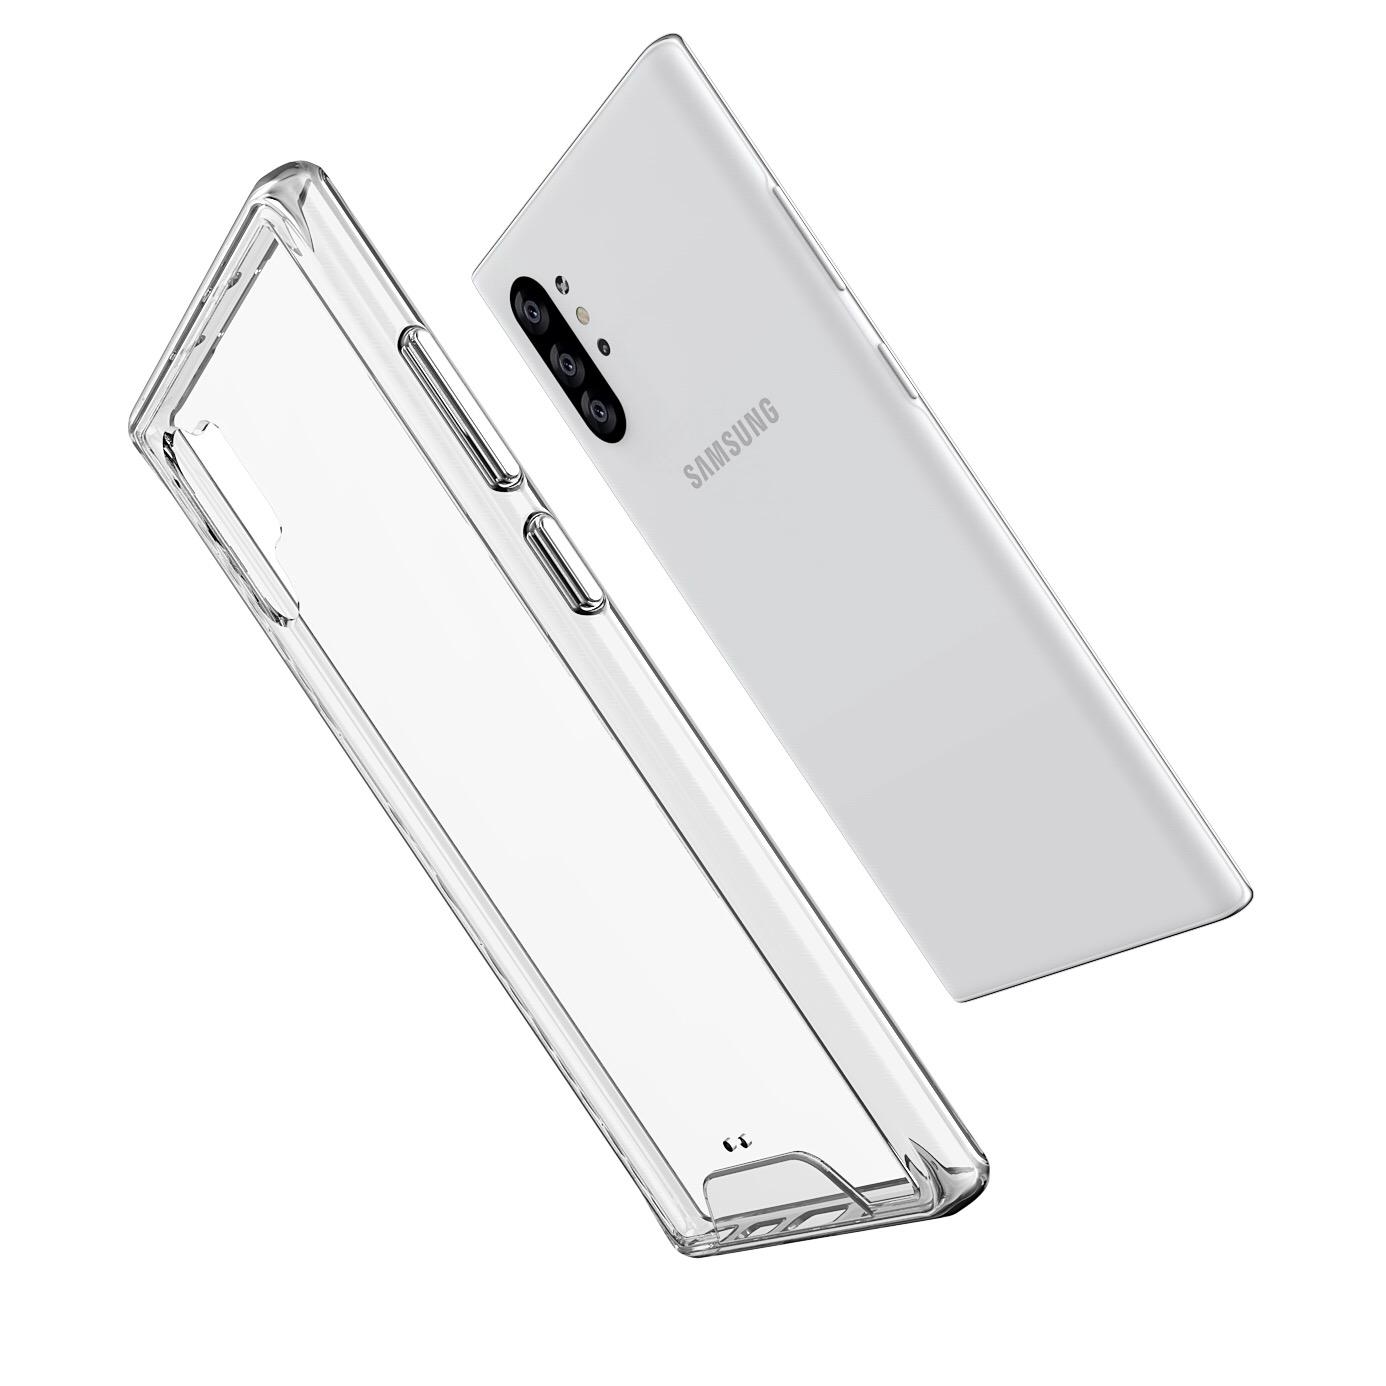 N975 Note 10 PLUS GARD KAPAK